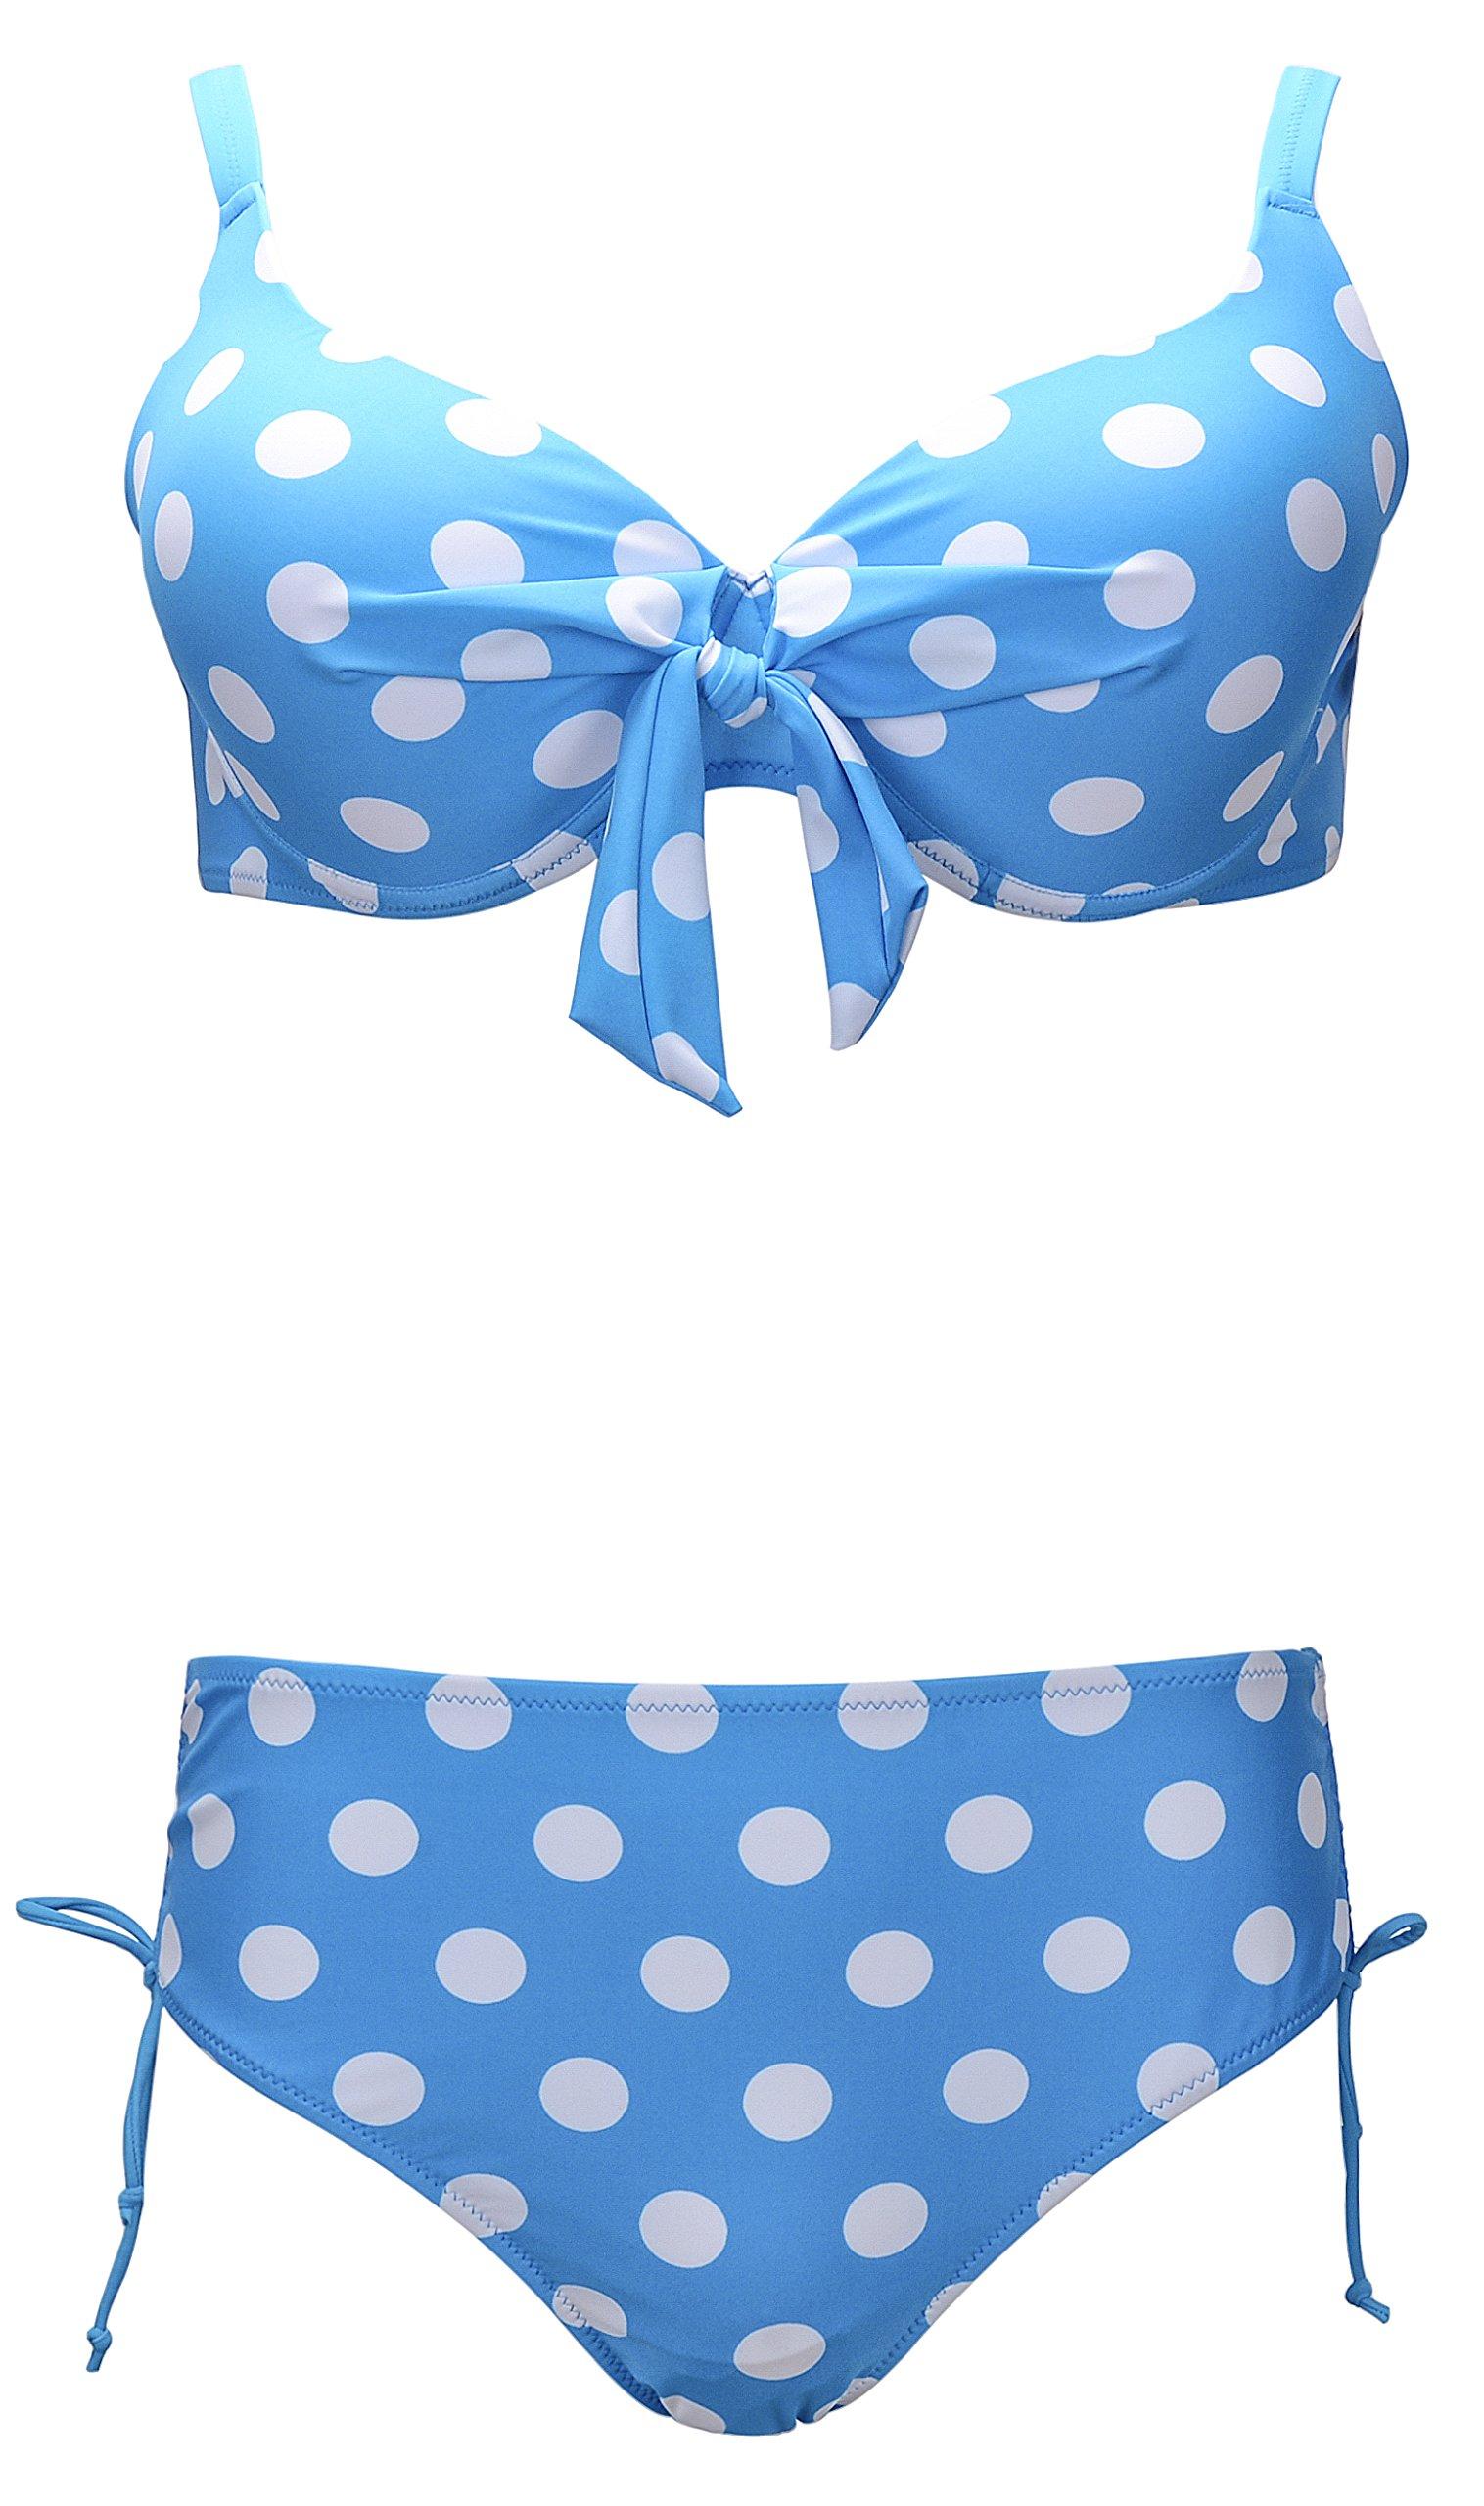 QZUnique Women's Plus Dot Vintage Bikini Bow Busted Push up 2 Pieces Swimsuit Swimwear Blue US 16-18W